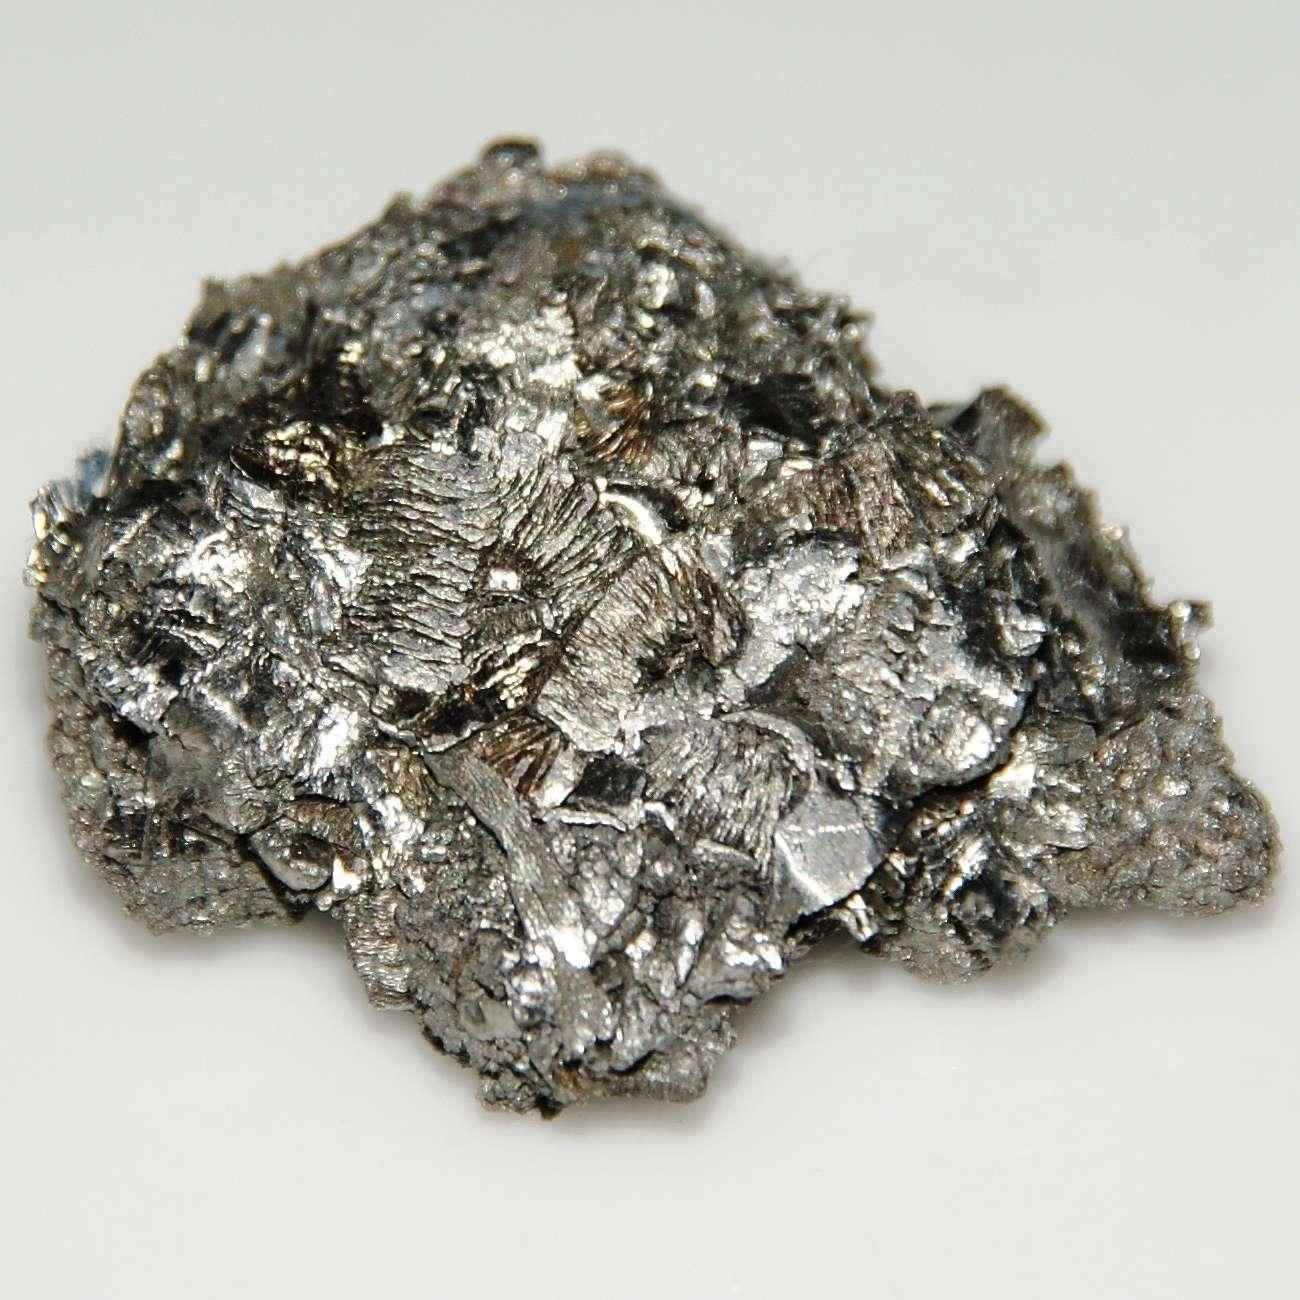 Métal de transition d'un aspect gris argenté, l'hafnium a un point de fusion de 2.233 °C. Il est utilisé dans les alliages de tungstène pour la confection de filaments et d'électrodes, et comme absorbeur de neutrons dans les systèmes de contrôle neutronique de réacteur nucléaire. Il présente de très bonnes propriétés mécaniques et une excellente résistance à la corrosion. © Creative Commons Attribution 3.0 Unported License